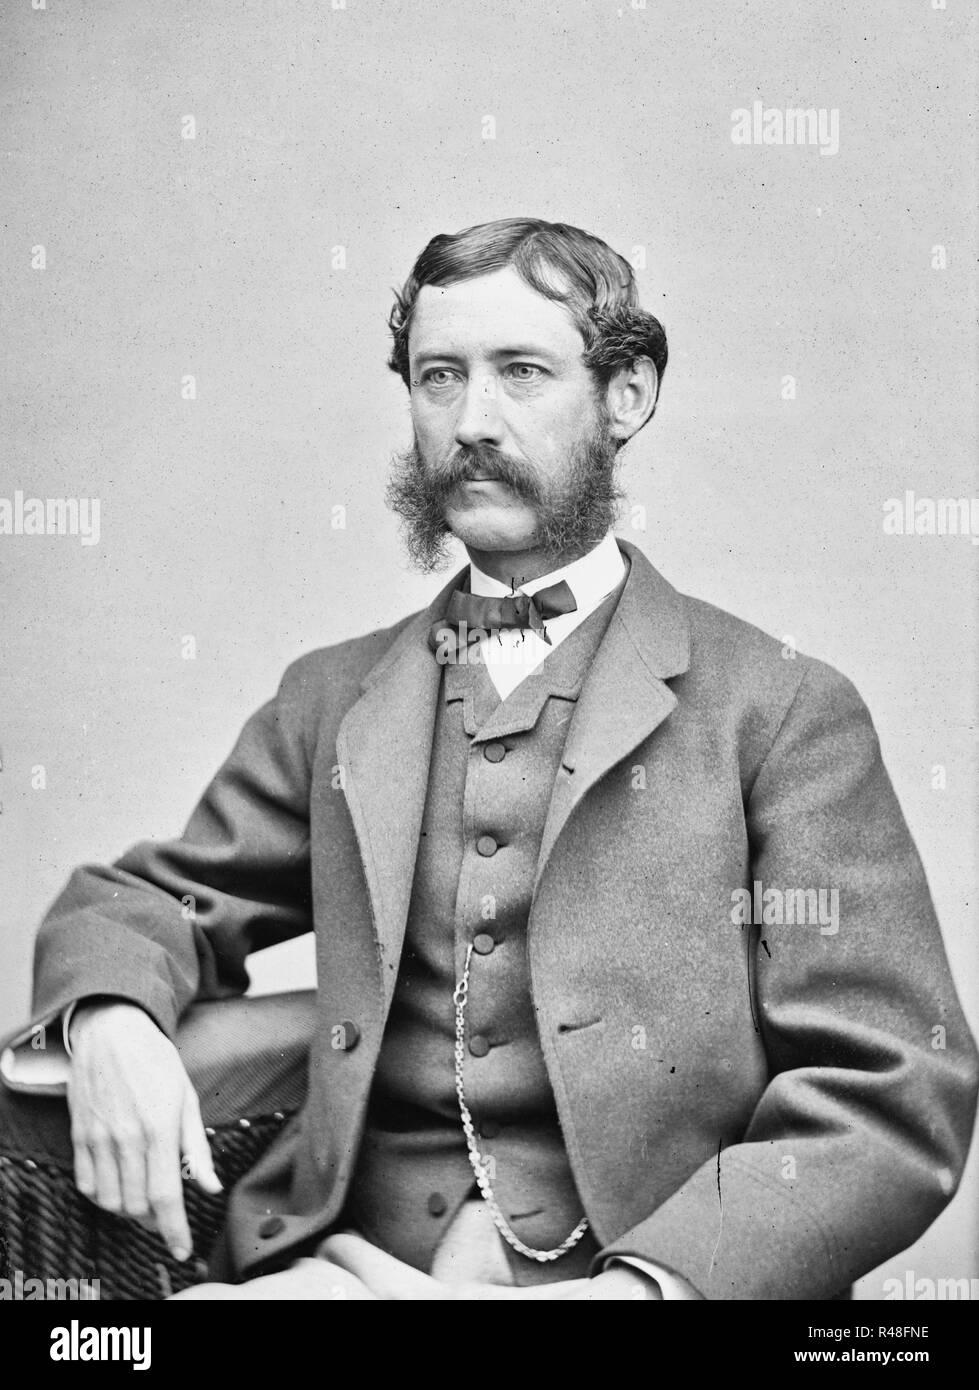 R.B. Rhett, Jr., circa 1860 - Stock Image